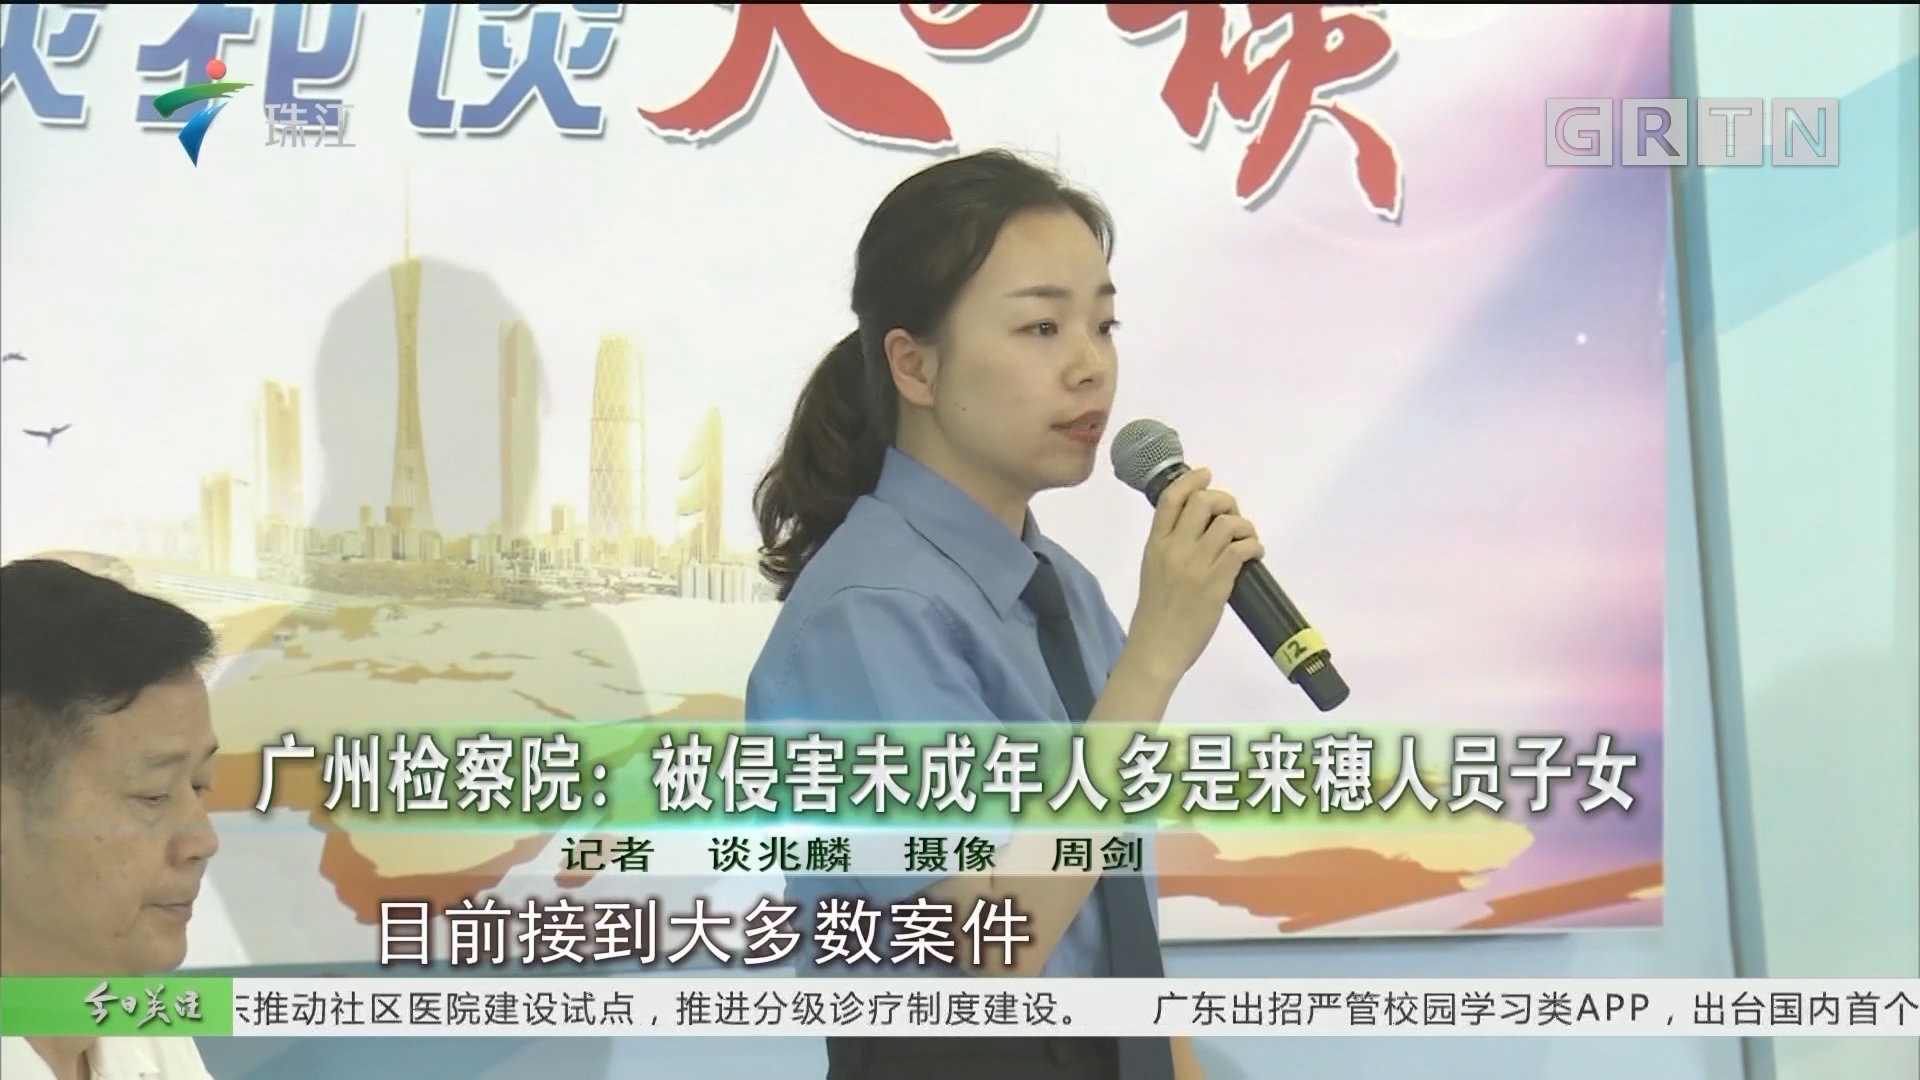 广州检察院:被侵害未成年人多是来穗人员子女